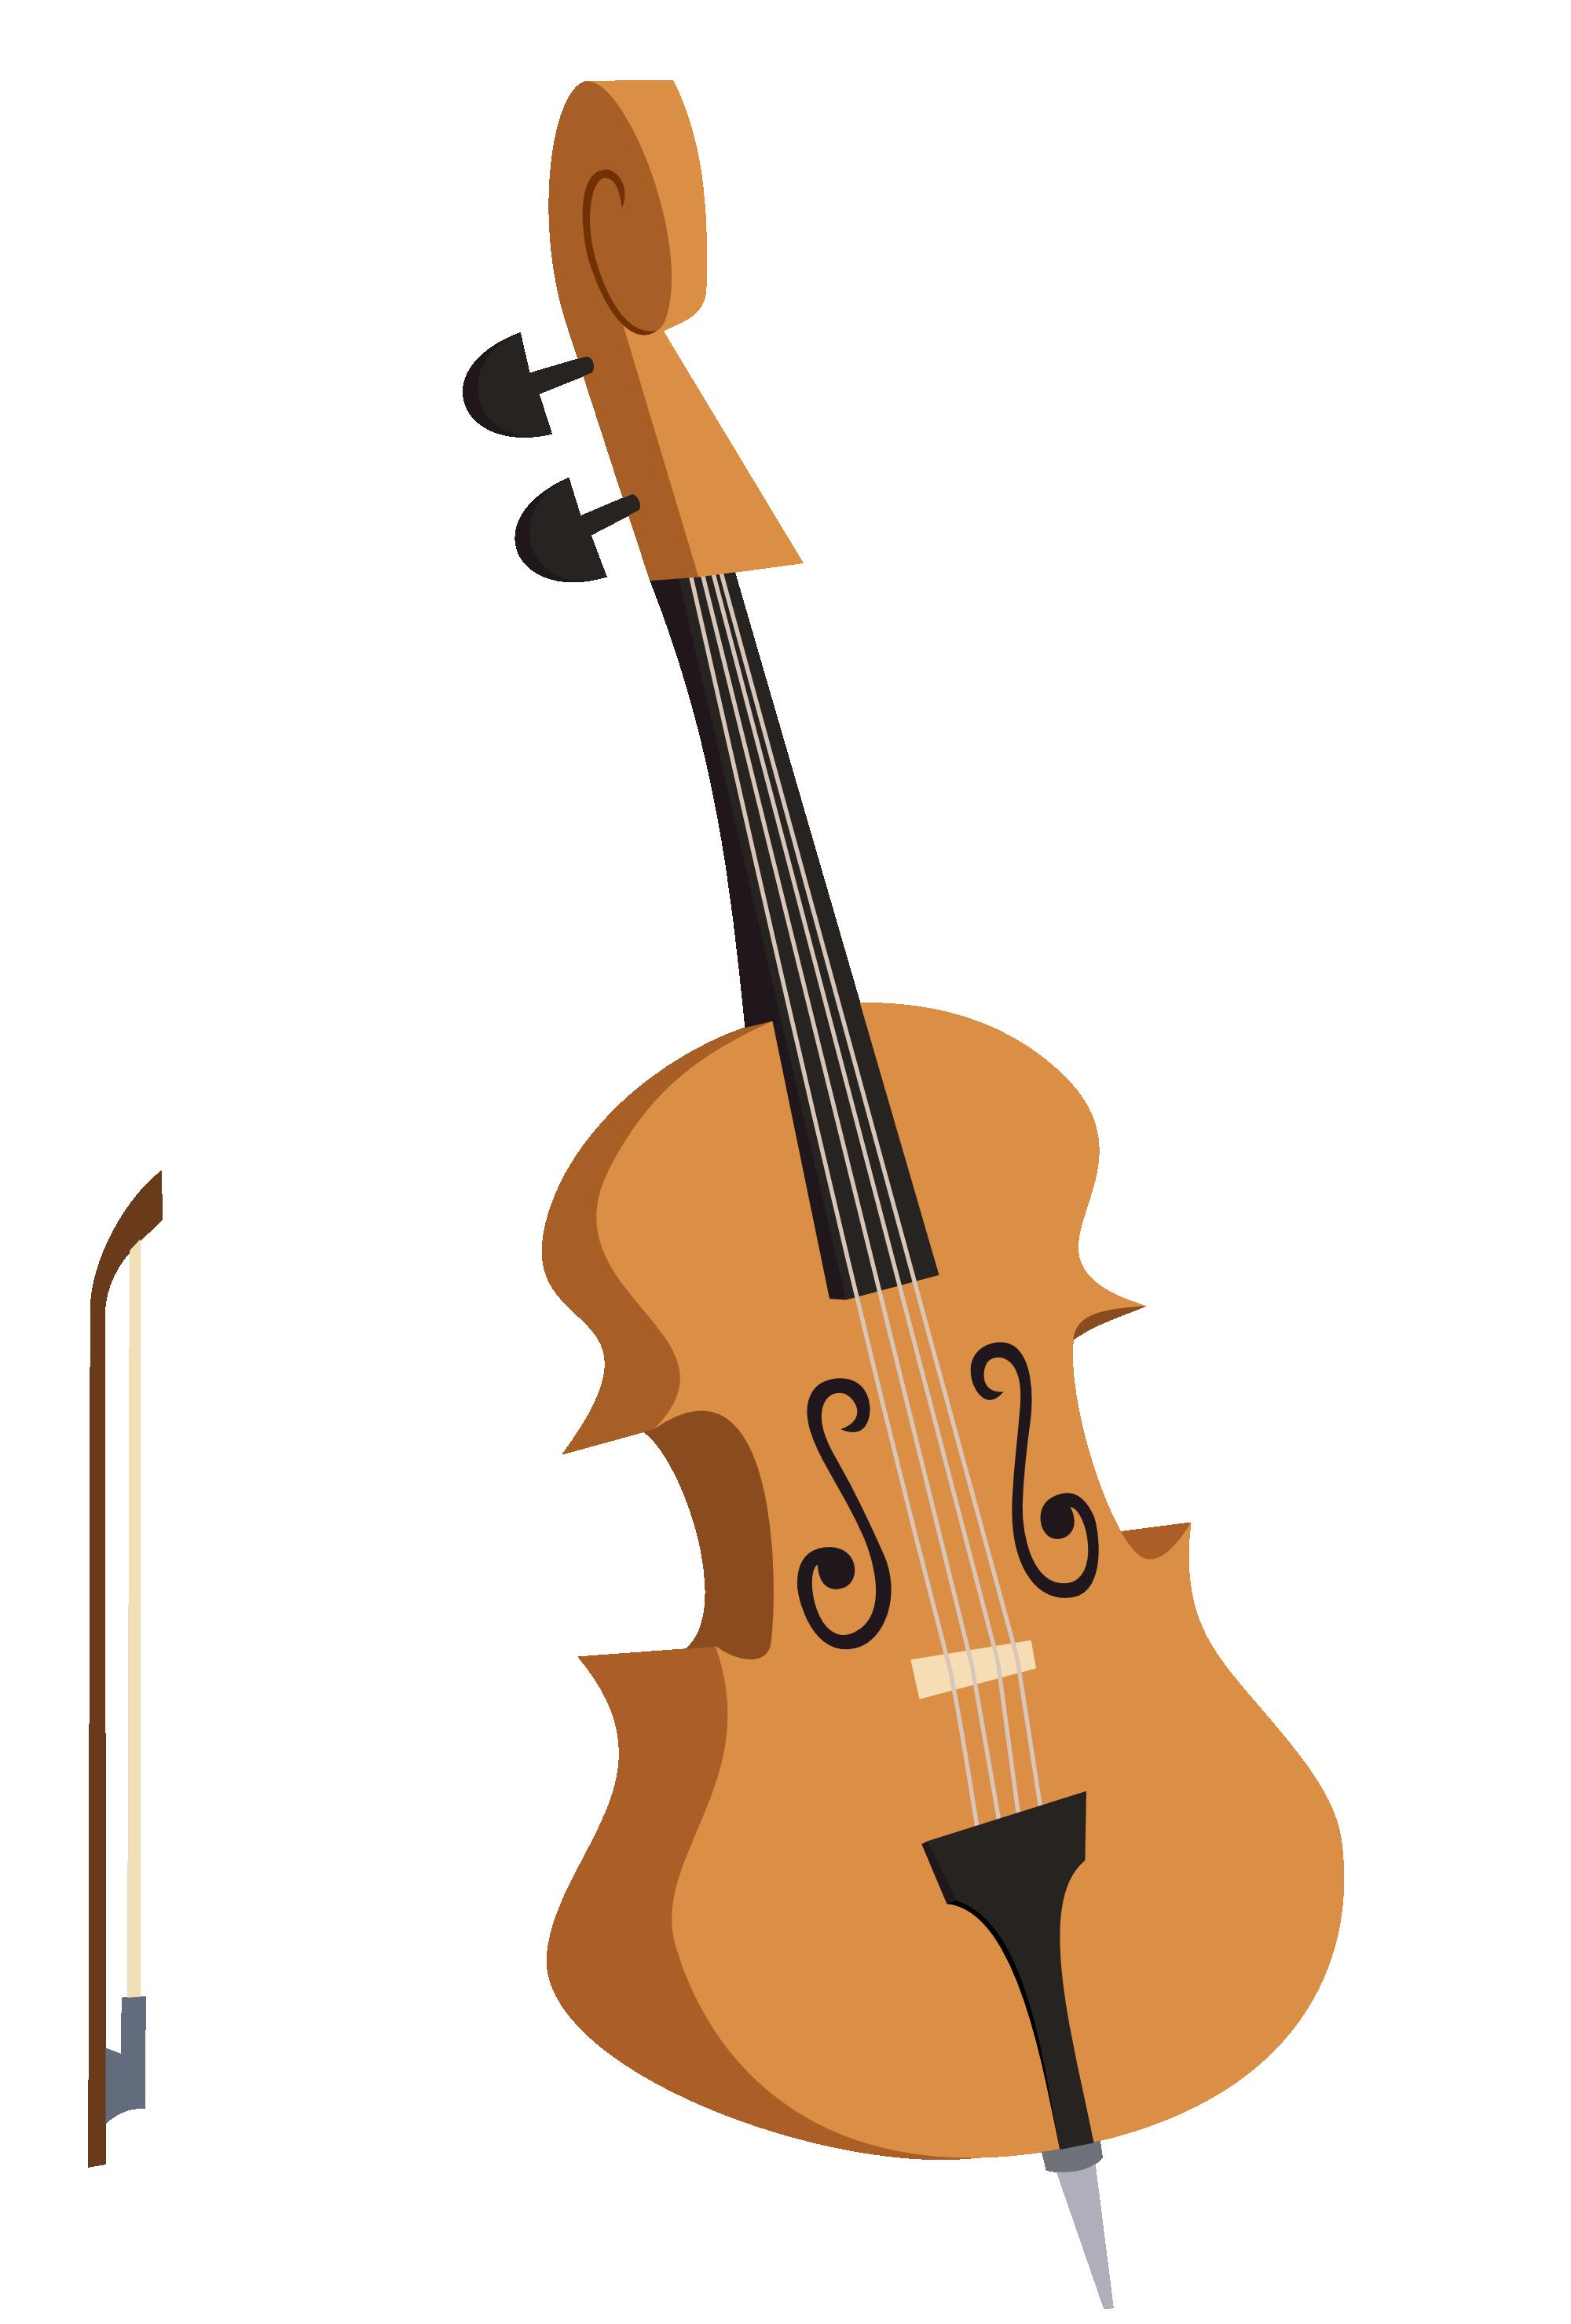 Cello clipart. Free fishing clip art